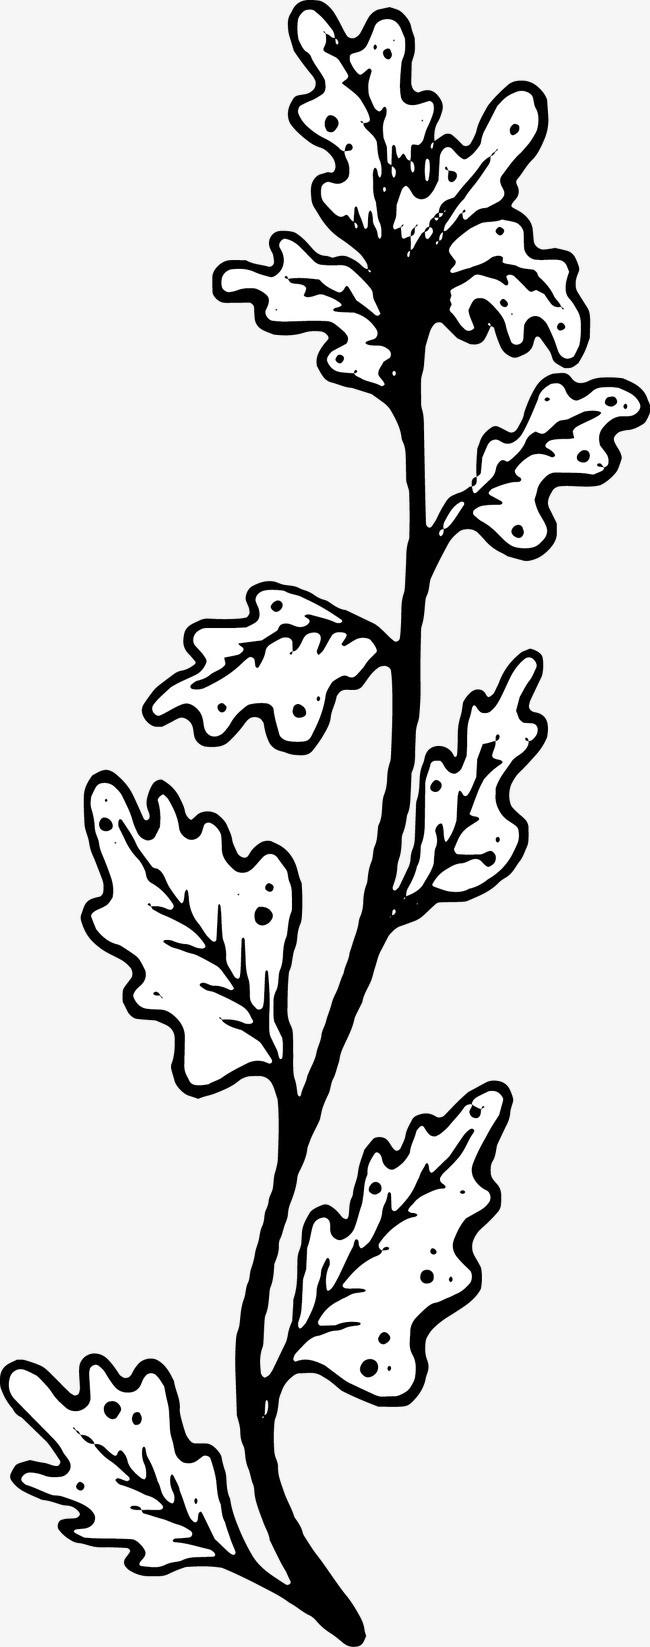 手绘 叶子 黑白手绘 叶子 黑白免扣素材 手机端:手绘叶子